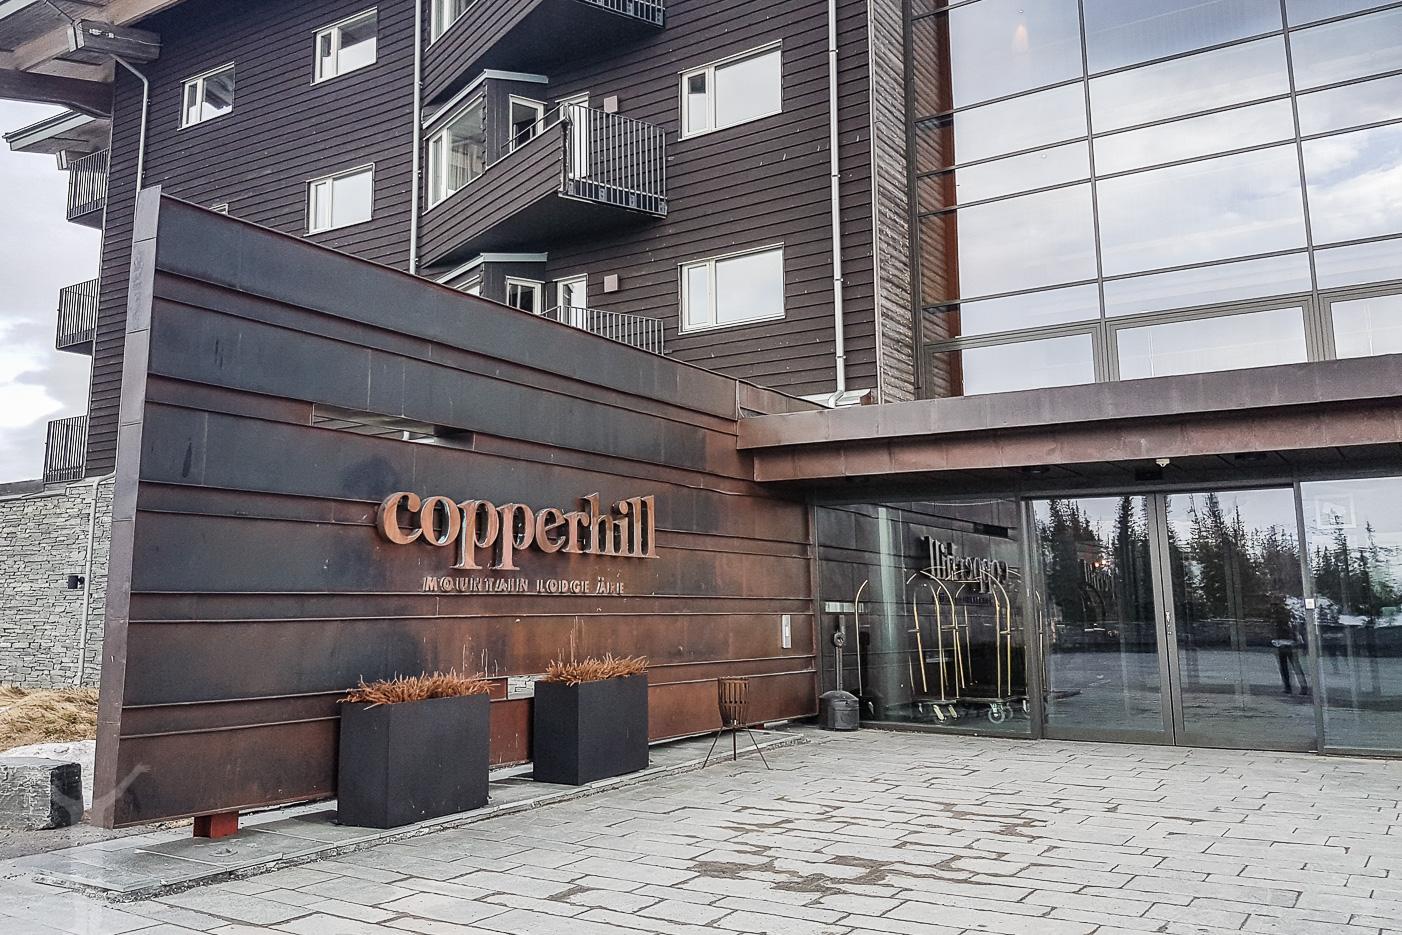 Entrén till Copperhill